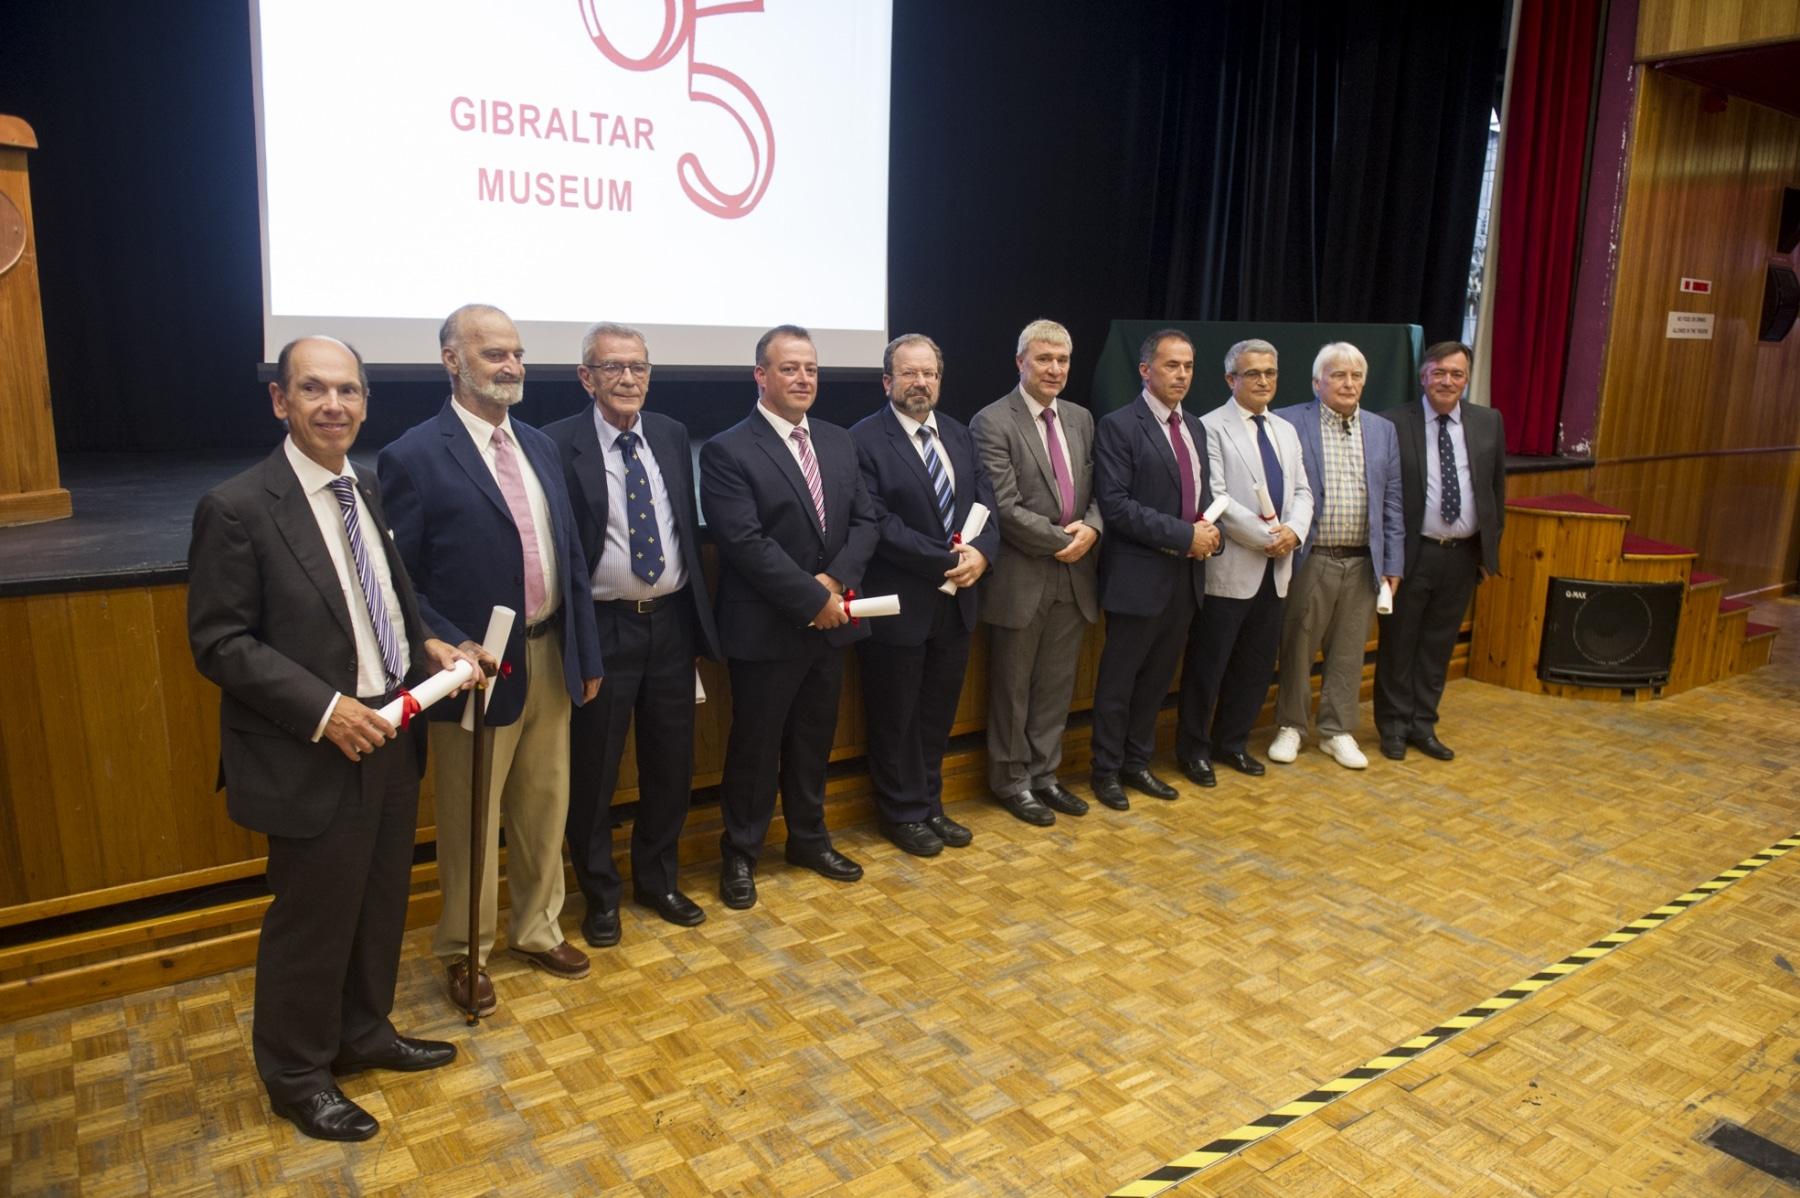 85-aniversario-museo-gibraltar-23072015-24_19955884172_o